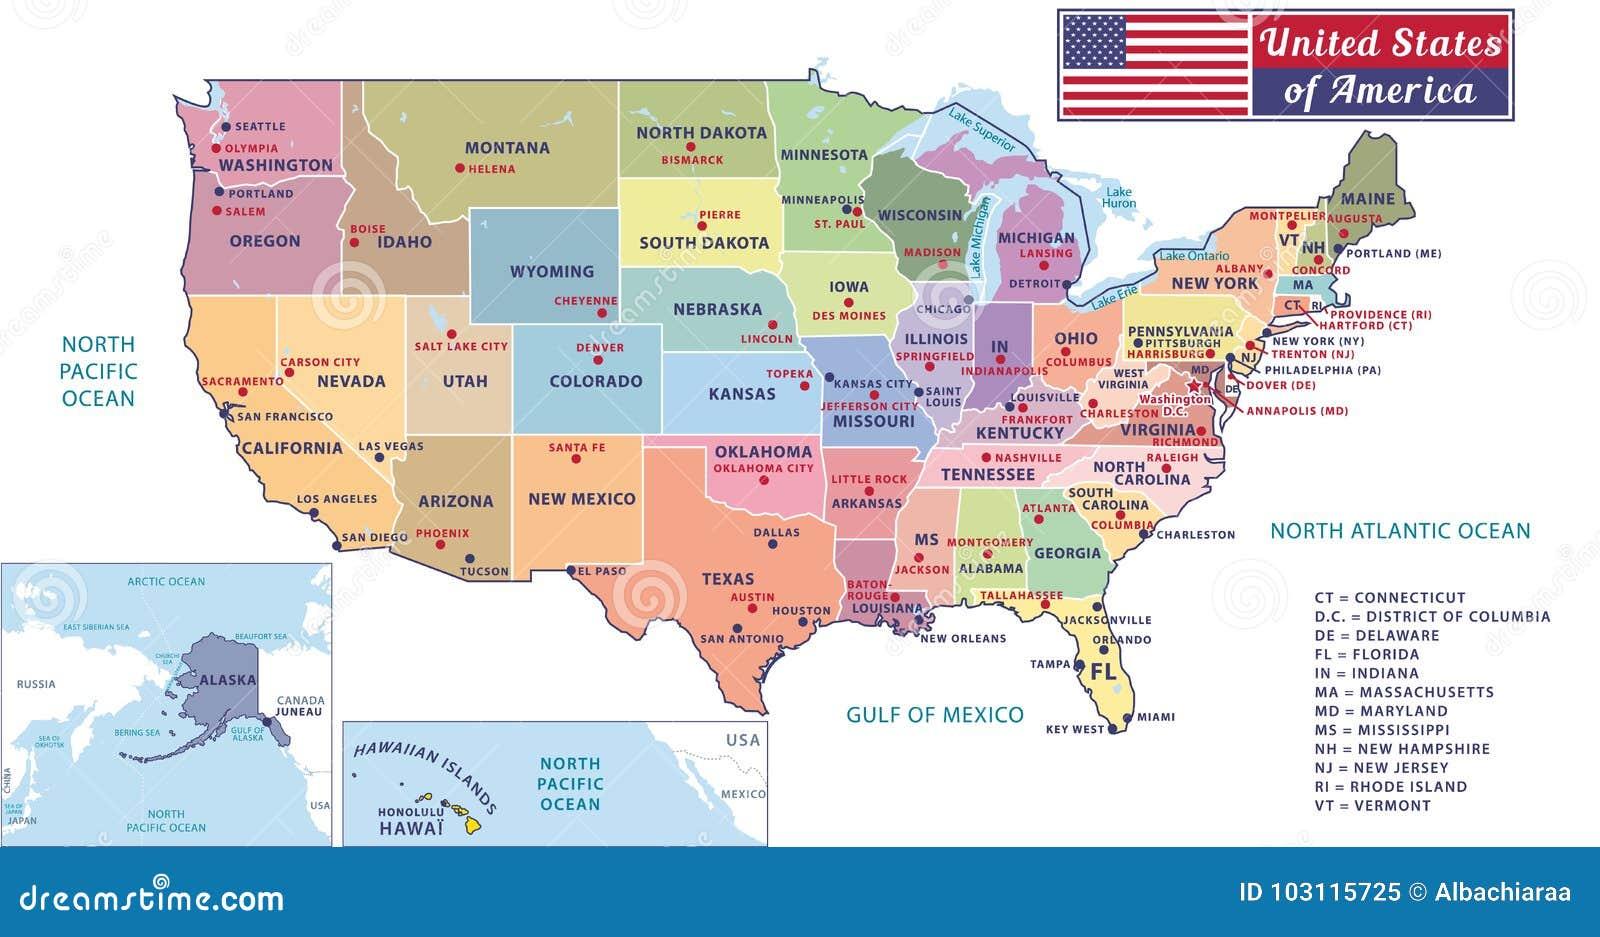 Cartina Stati Uniti Damerica Con Capitali.Capitali Di Stati E Citta Importanti Degli Stati Uniti D America Bella Mappa Moderna Degli S U A Del Grafico Illustrazione Vettoriale Illustrazione Di Dettagliato Contorno 103115725